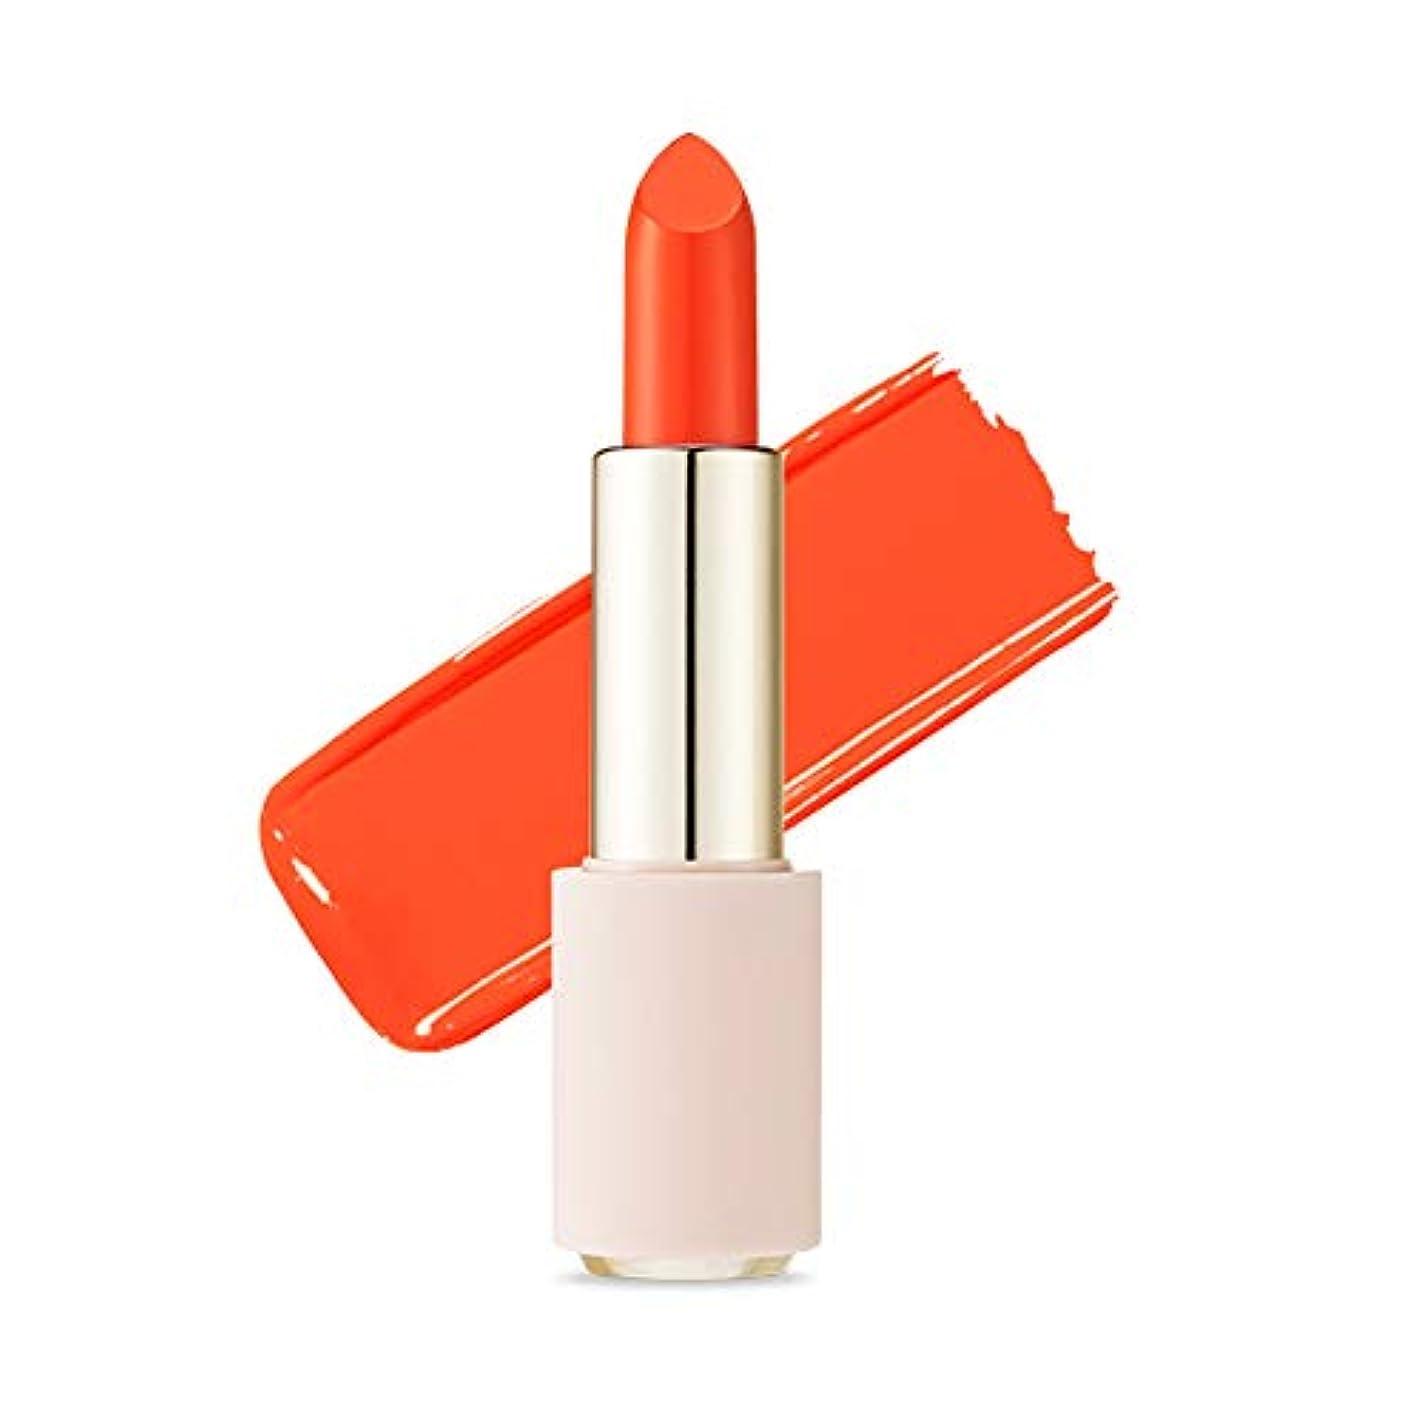 引き出すマラソン認証Etude House Better Lips Talk エチュードハウス ベター リップス - トーク (# OR205 Dried Orange Tea) [並行輸入品]